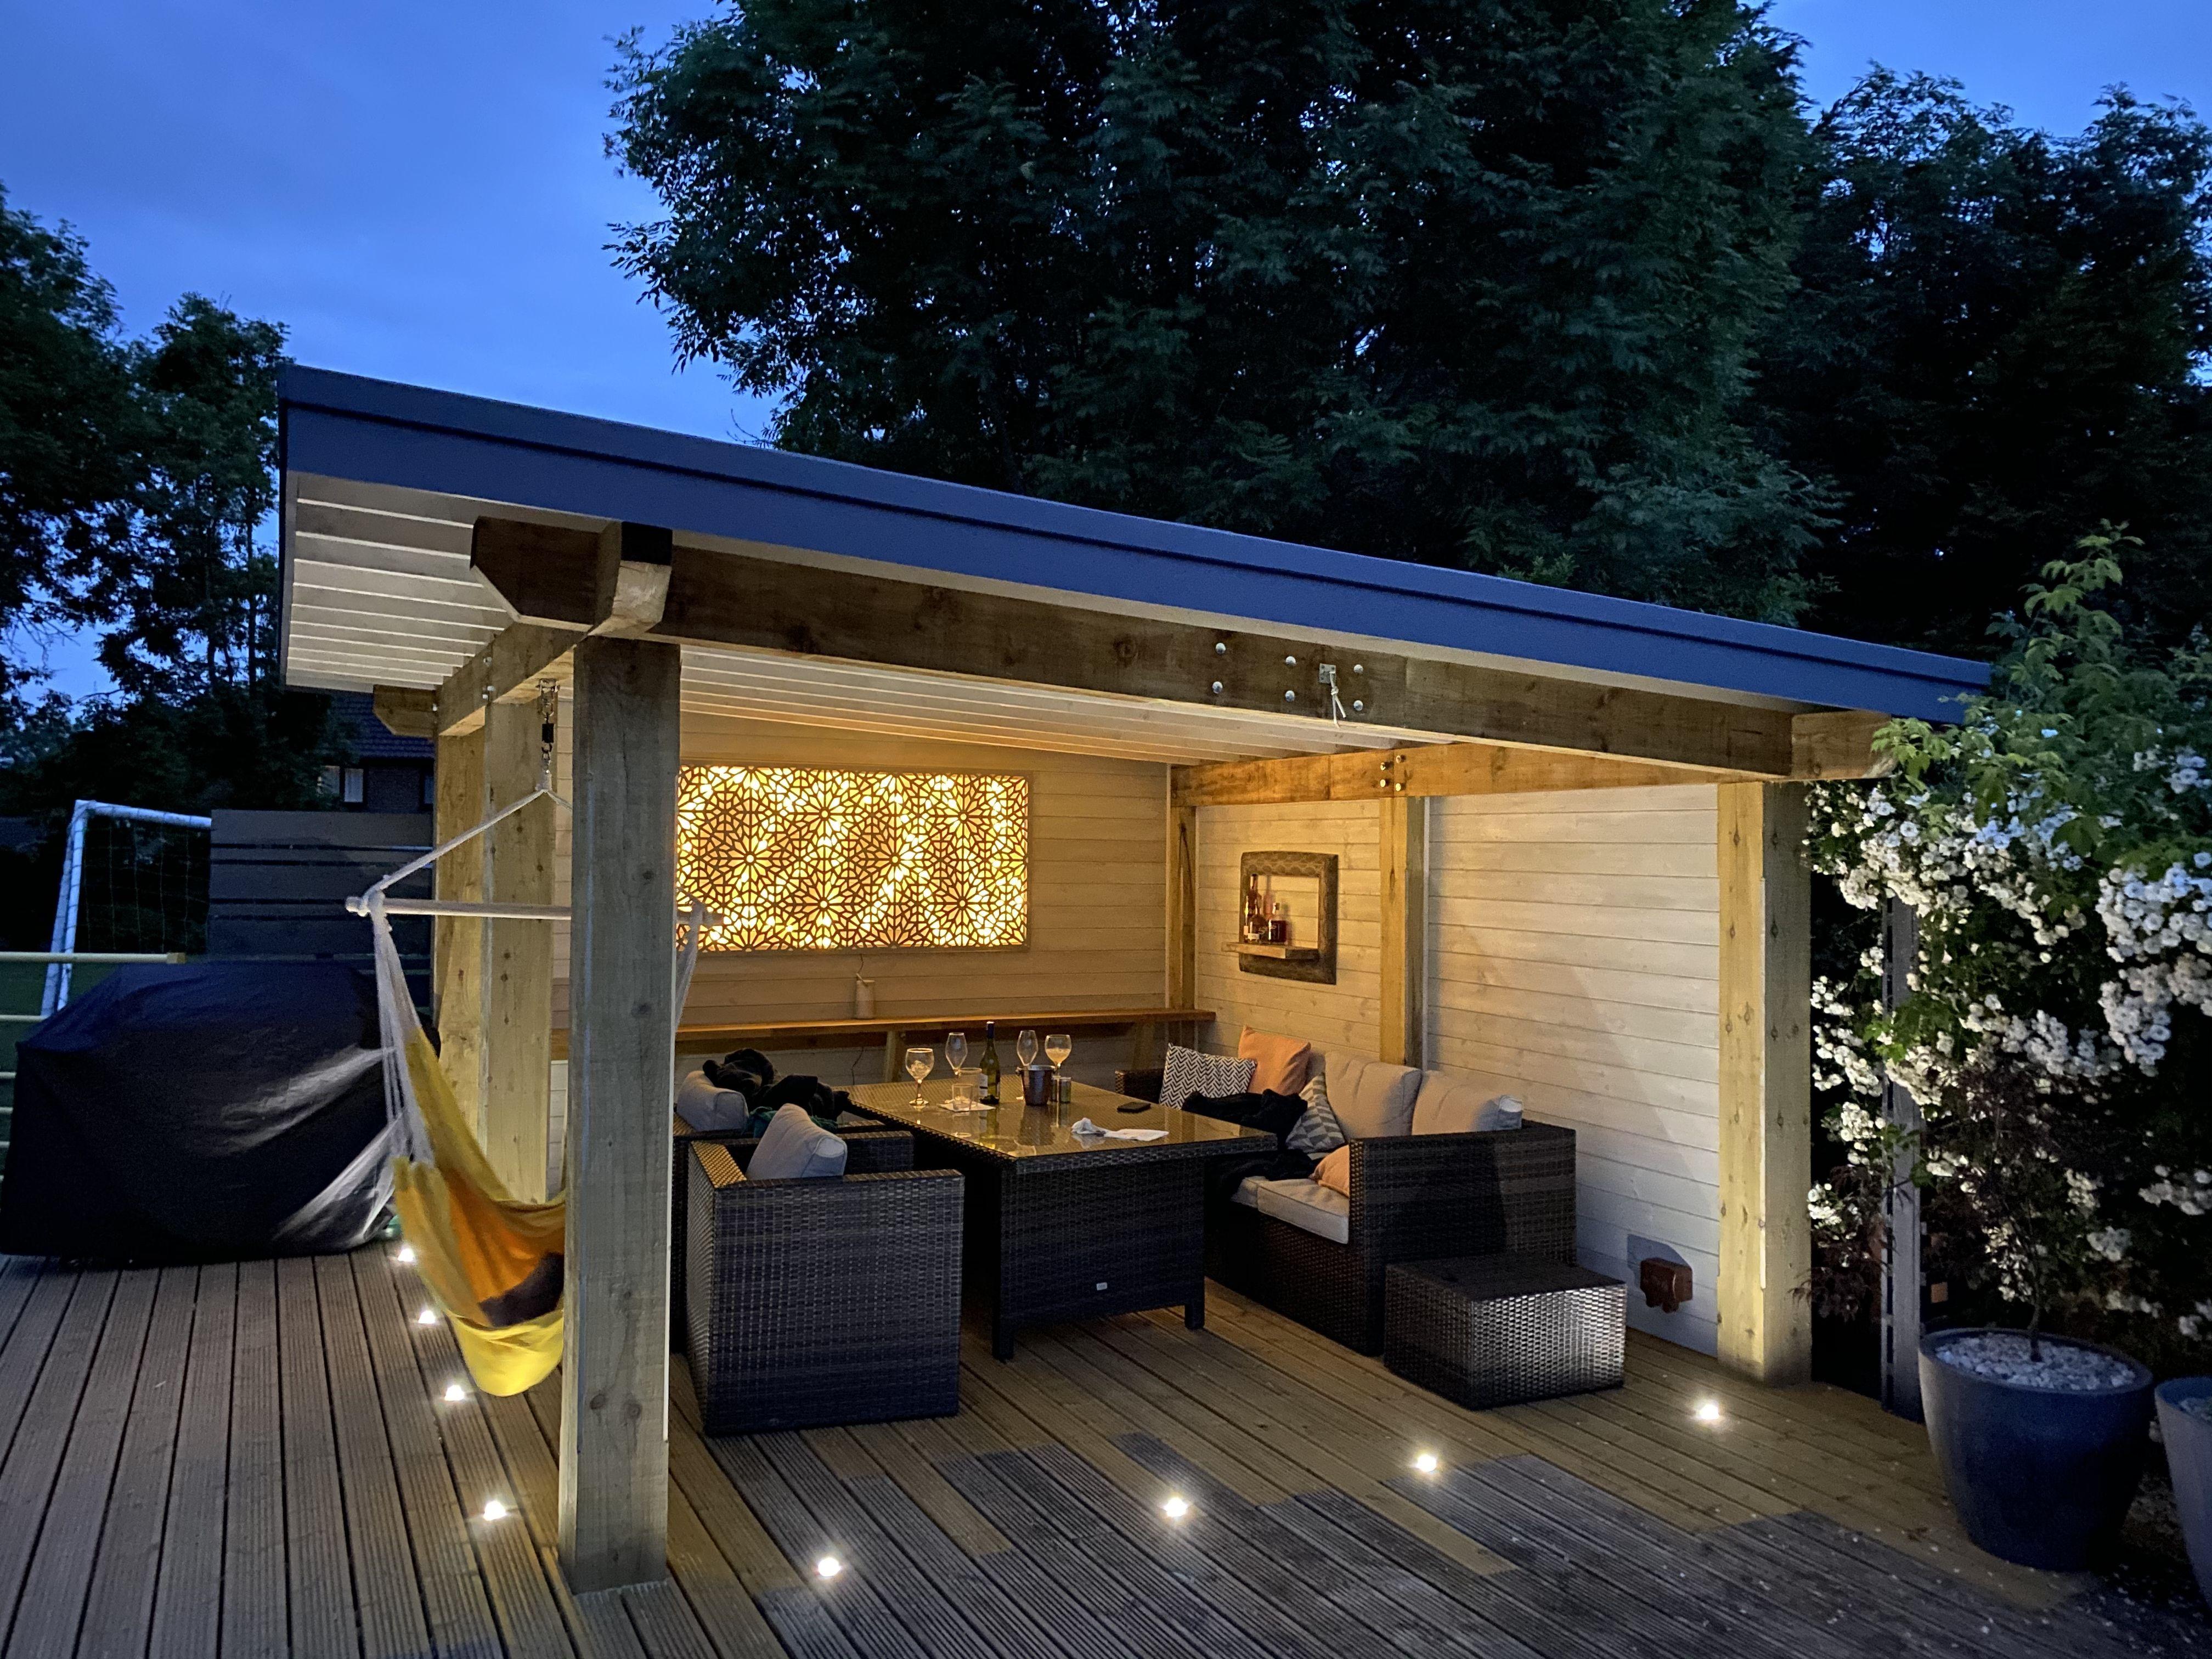 Garden Room Backyard Seating Outdoor Patio Designs Backyard Patio Designs Modern garden ideas with bar